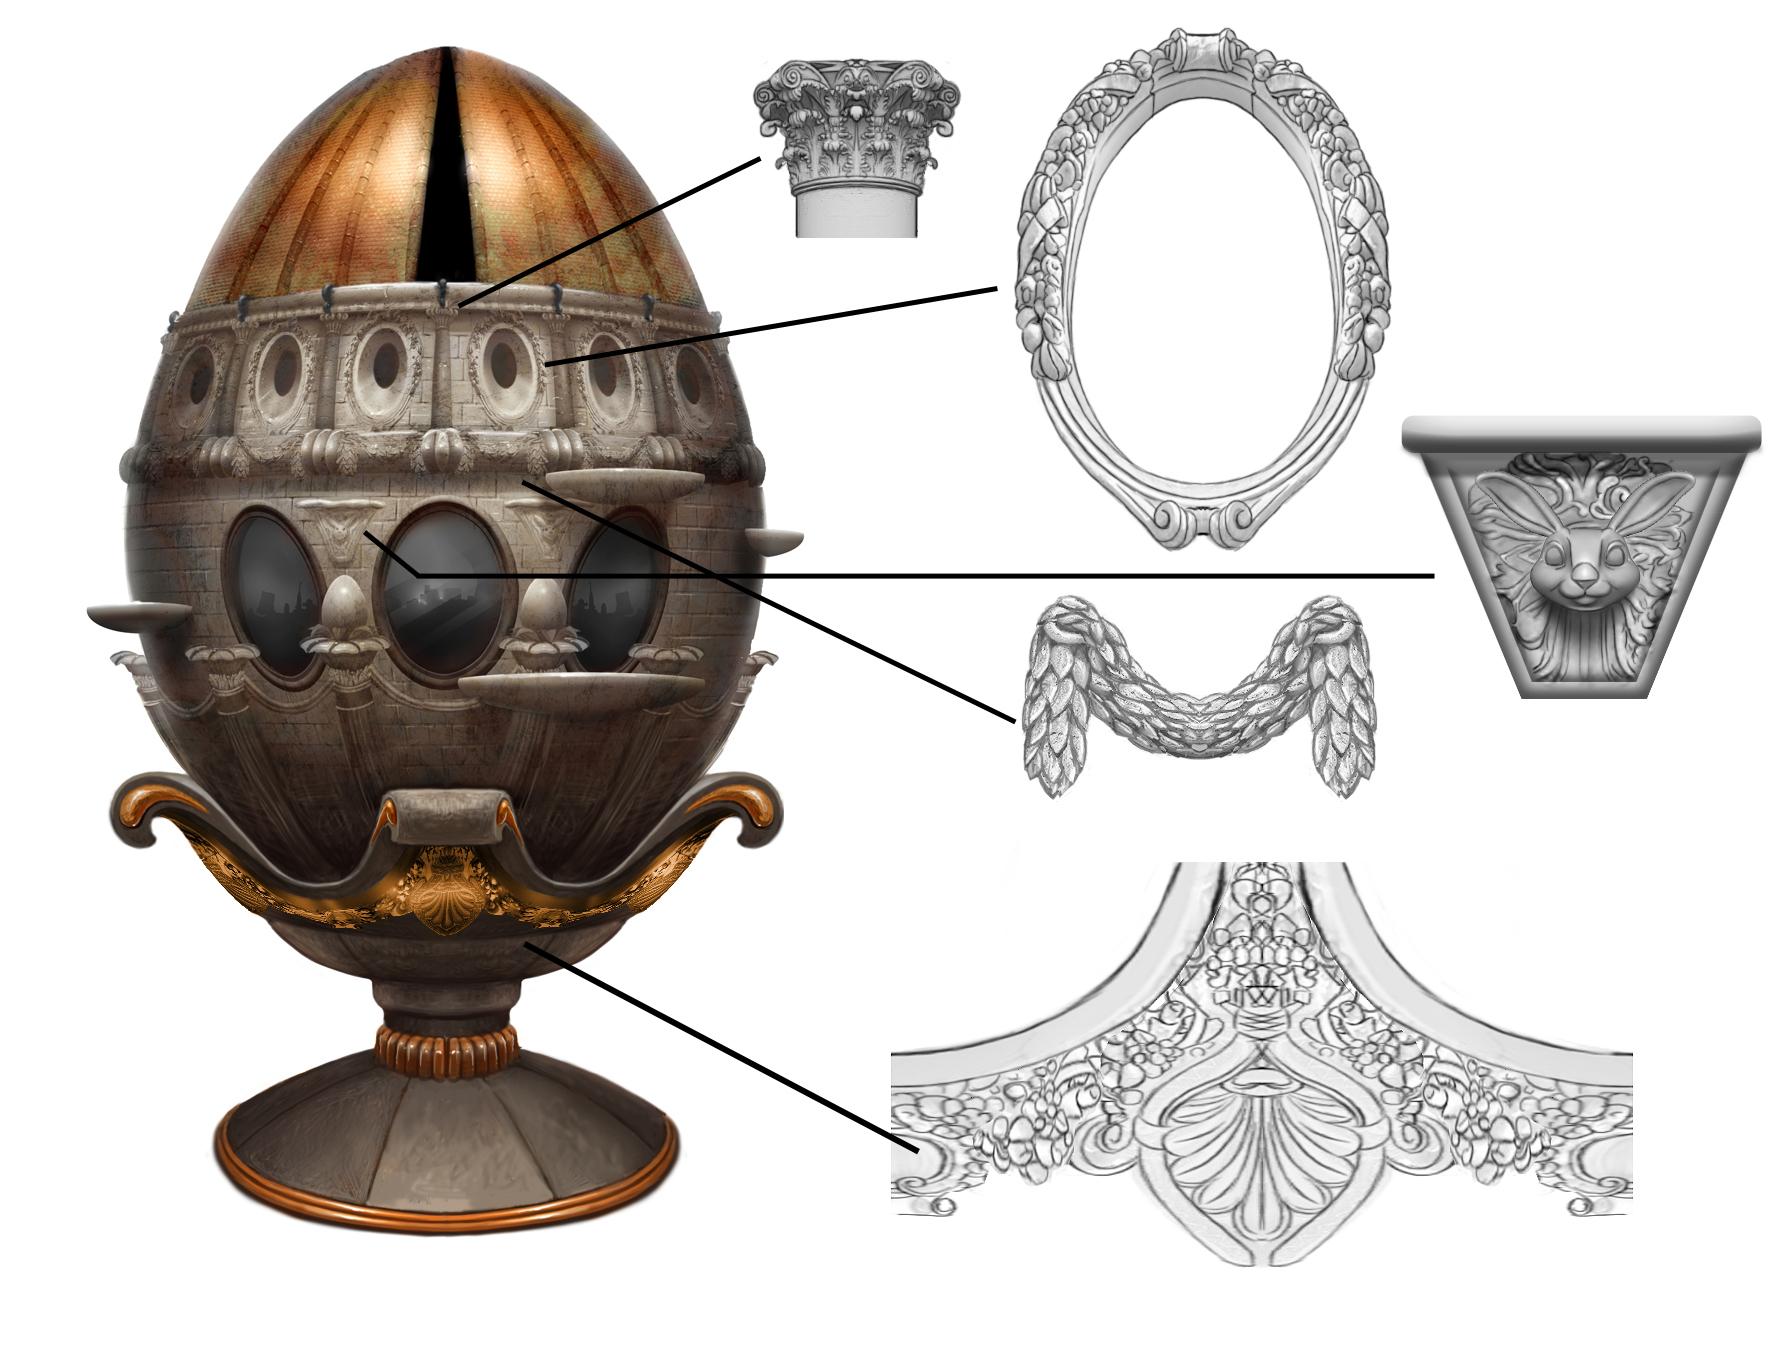 center_egg_details.jpg